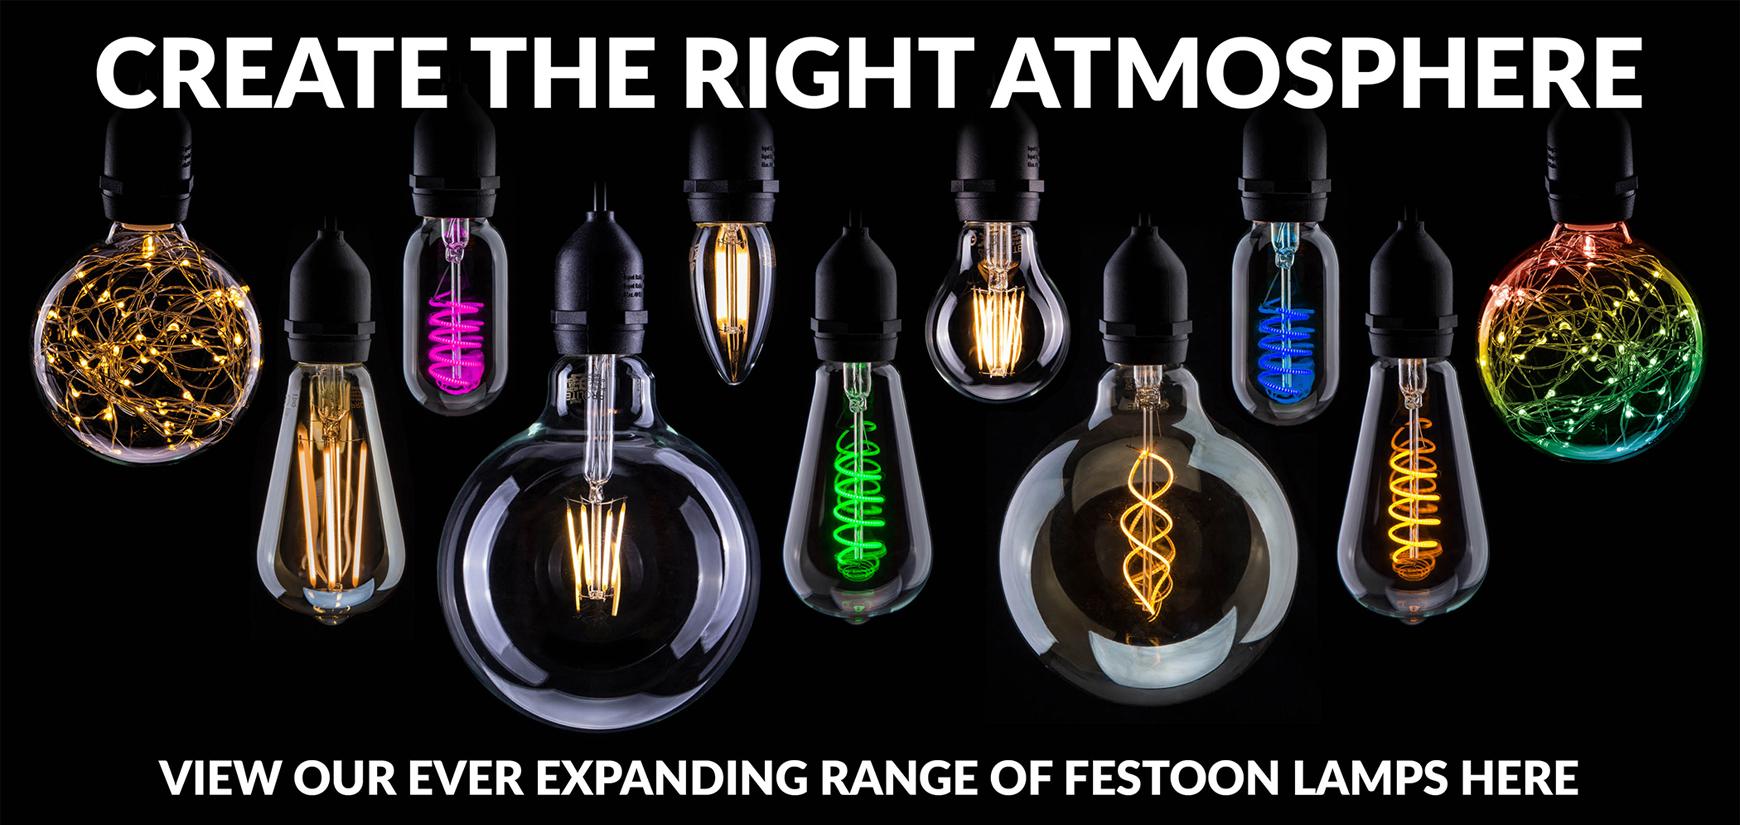 Festoon Lamps